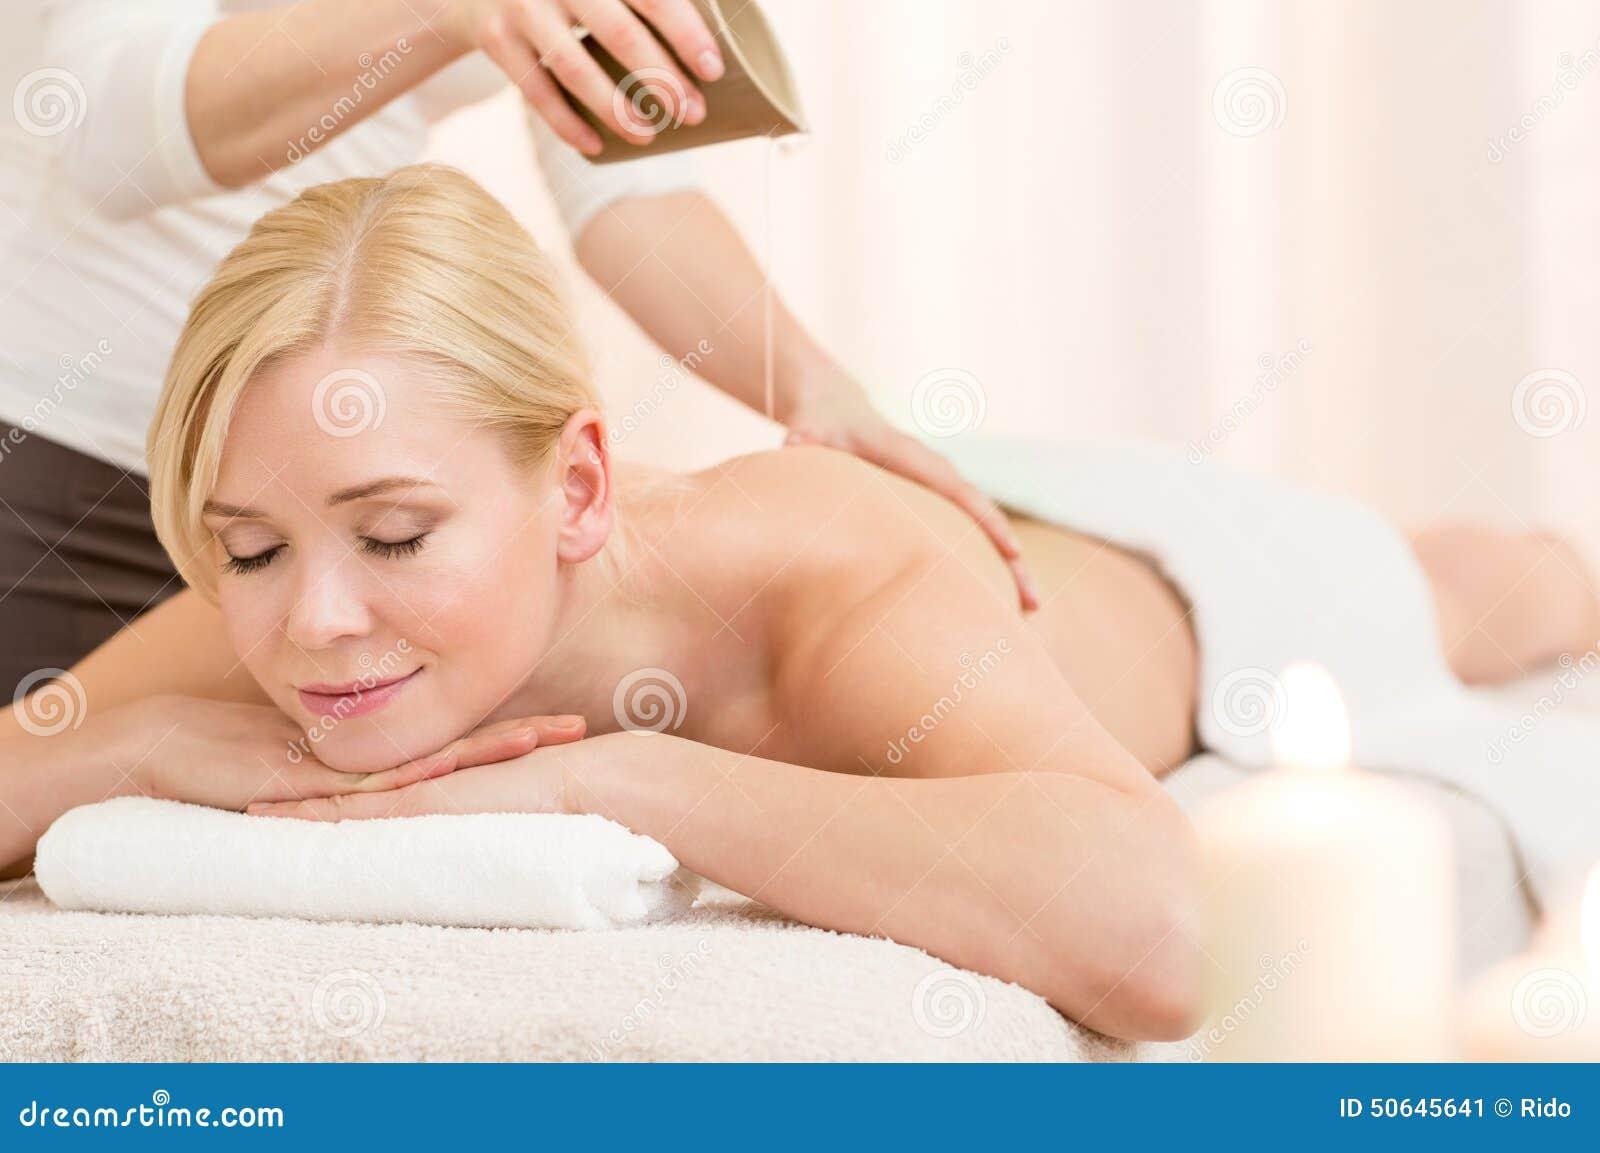 Tratamiento del cuerpo con aceite